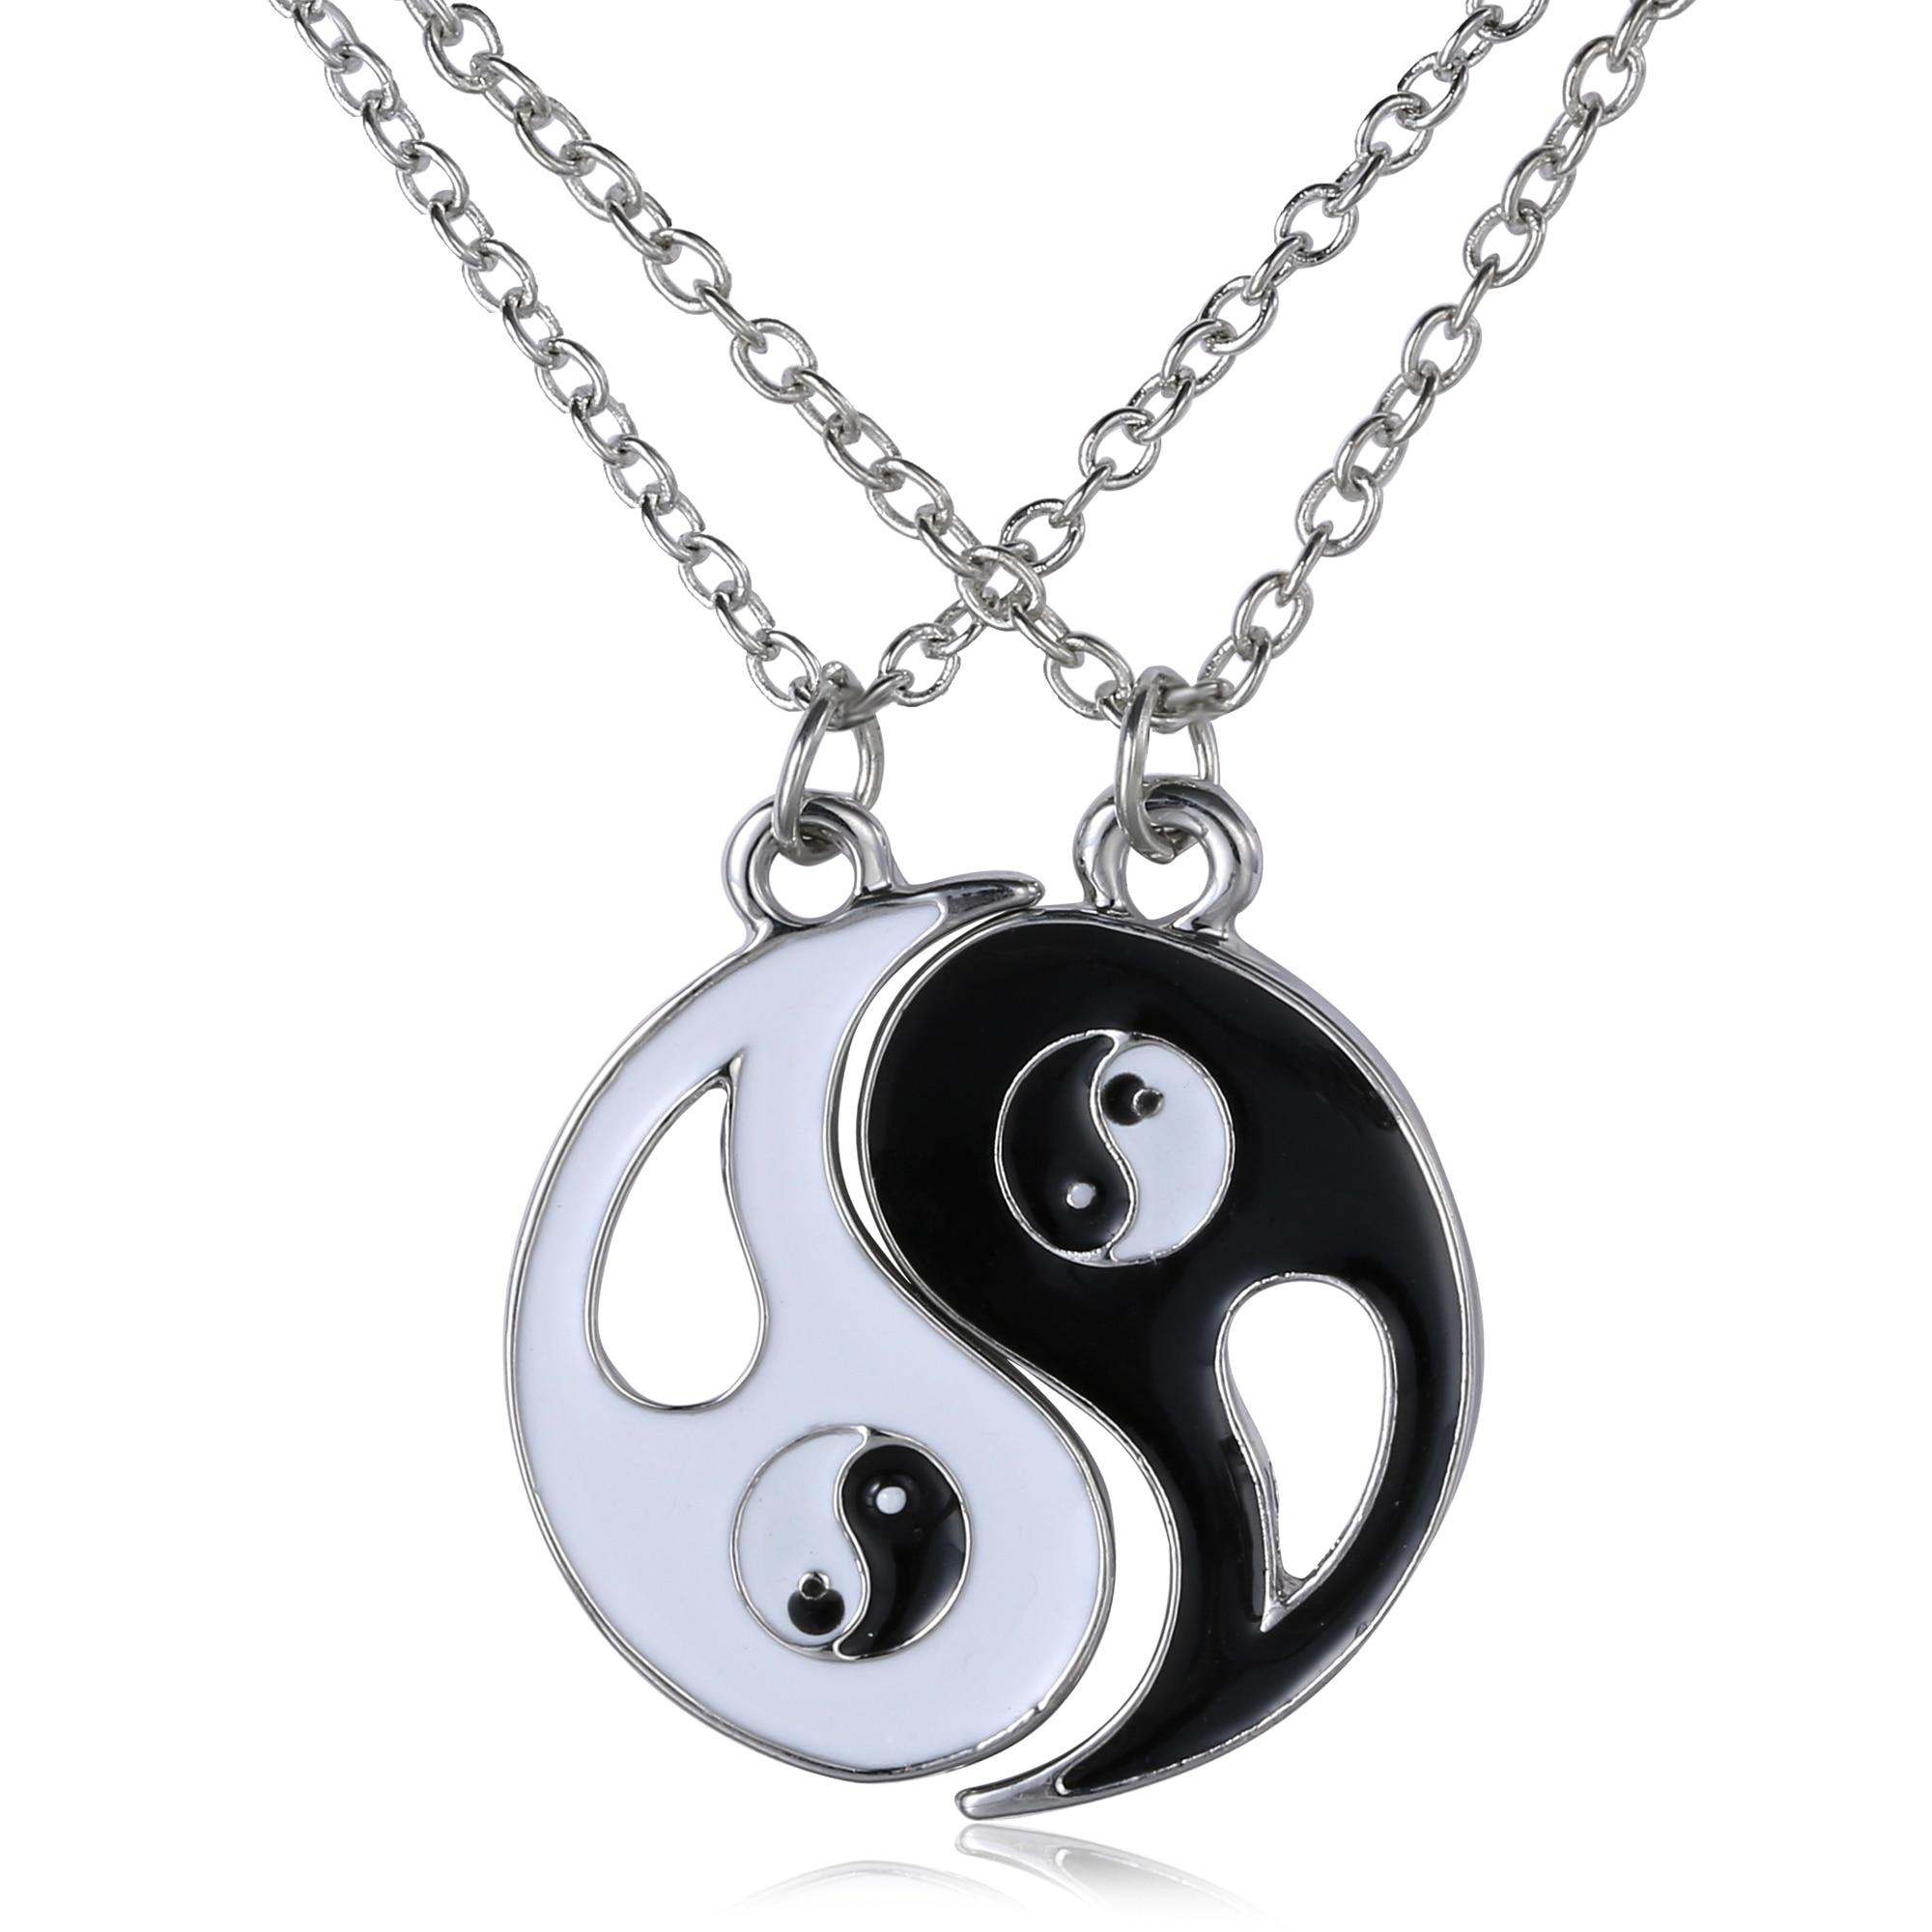 2 P Yin Yang Colar de Pingente Preto Branco Casal Irmã Amigo Amizade Jóias Presentes Personalizados Exclusivos